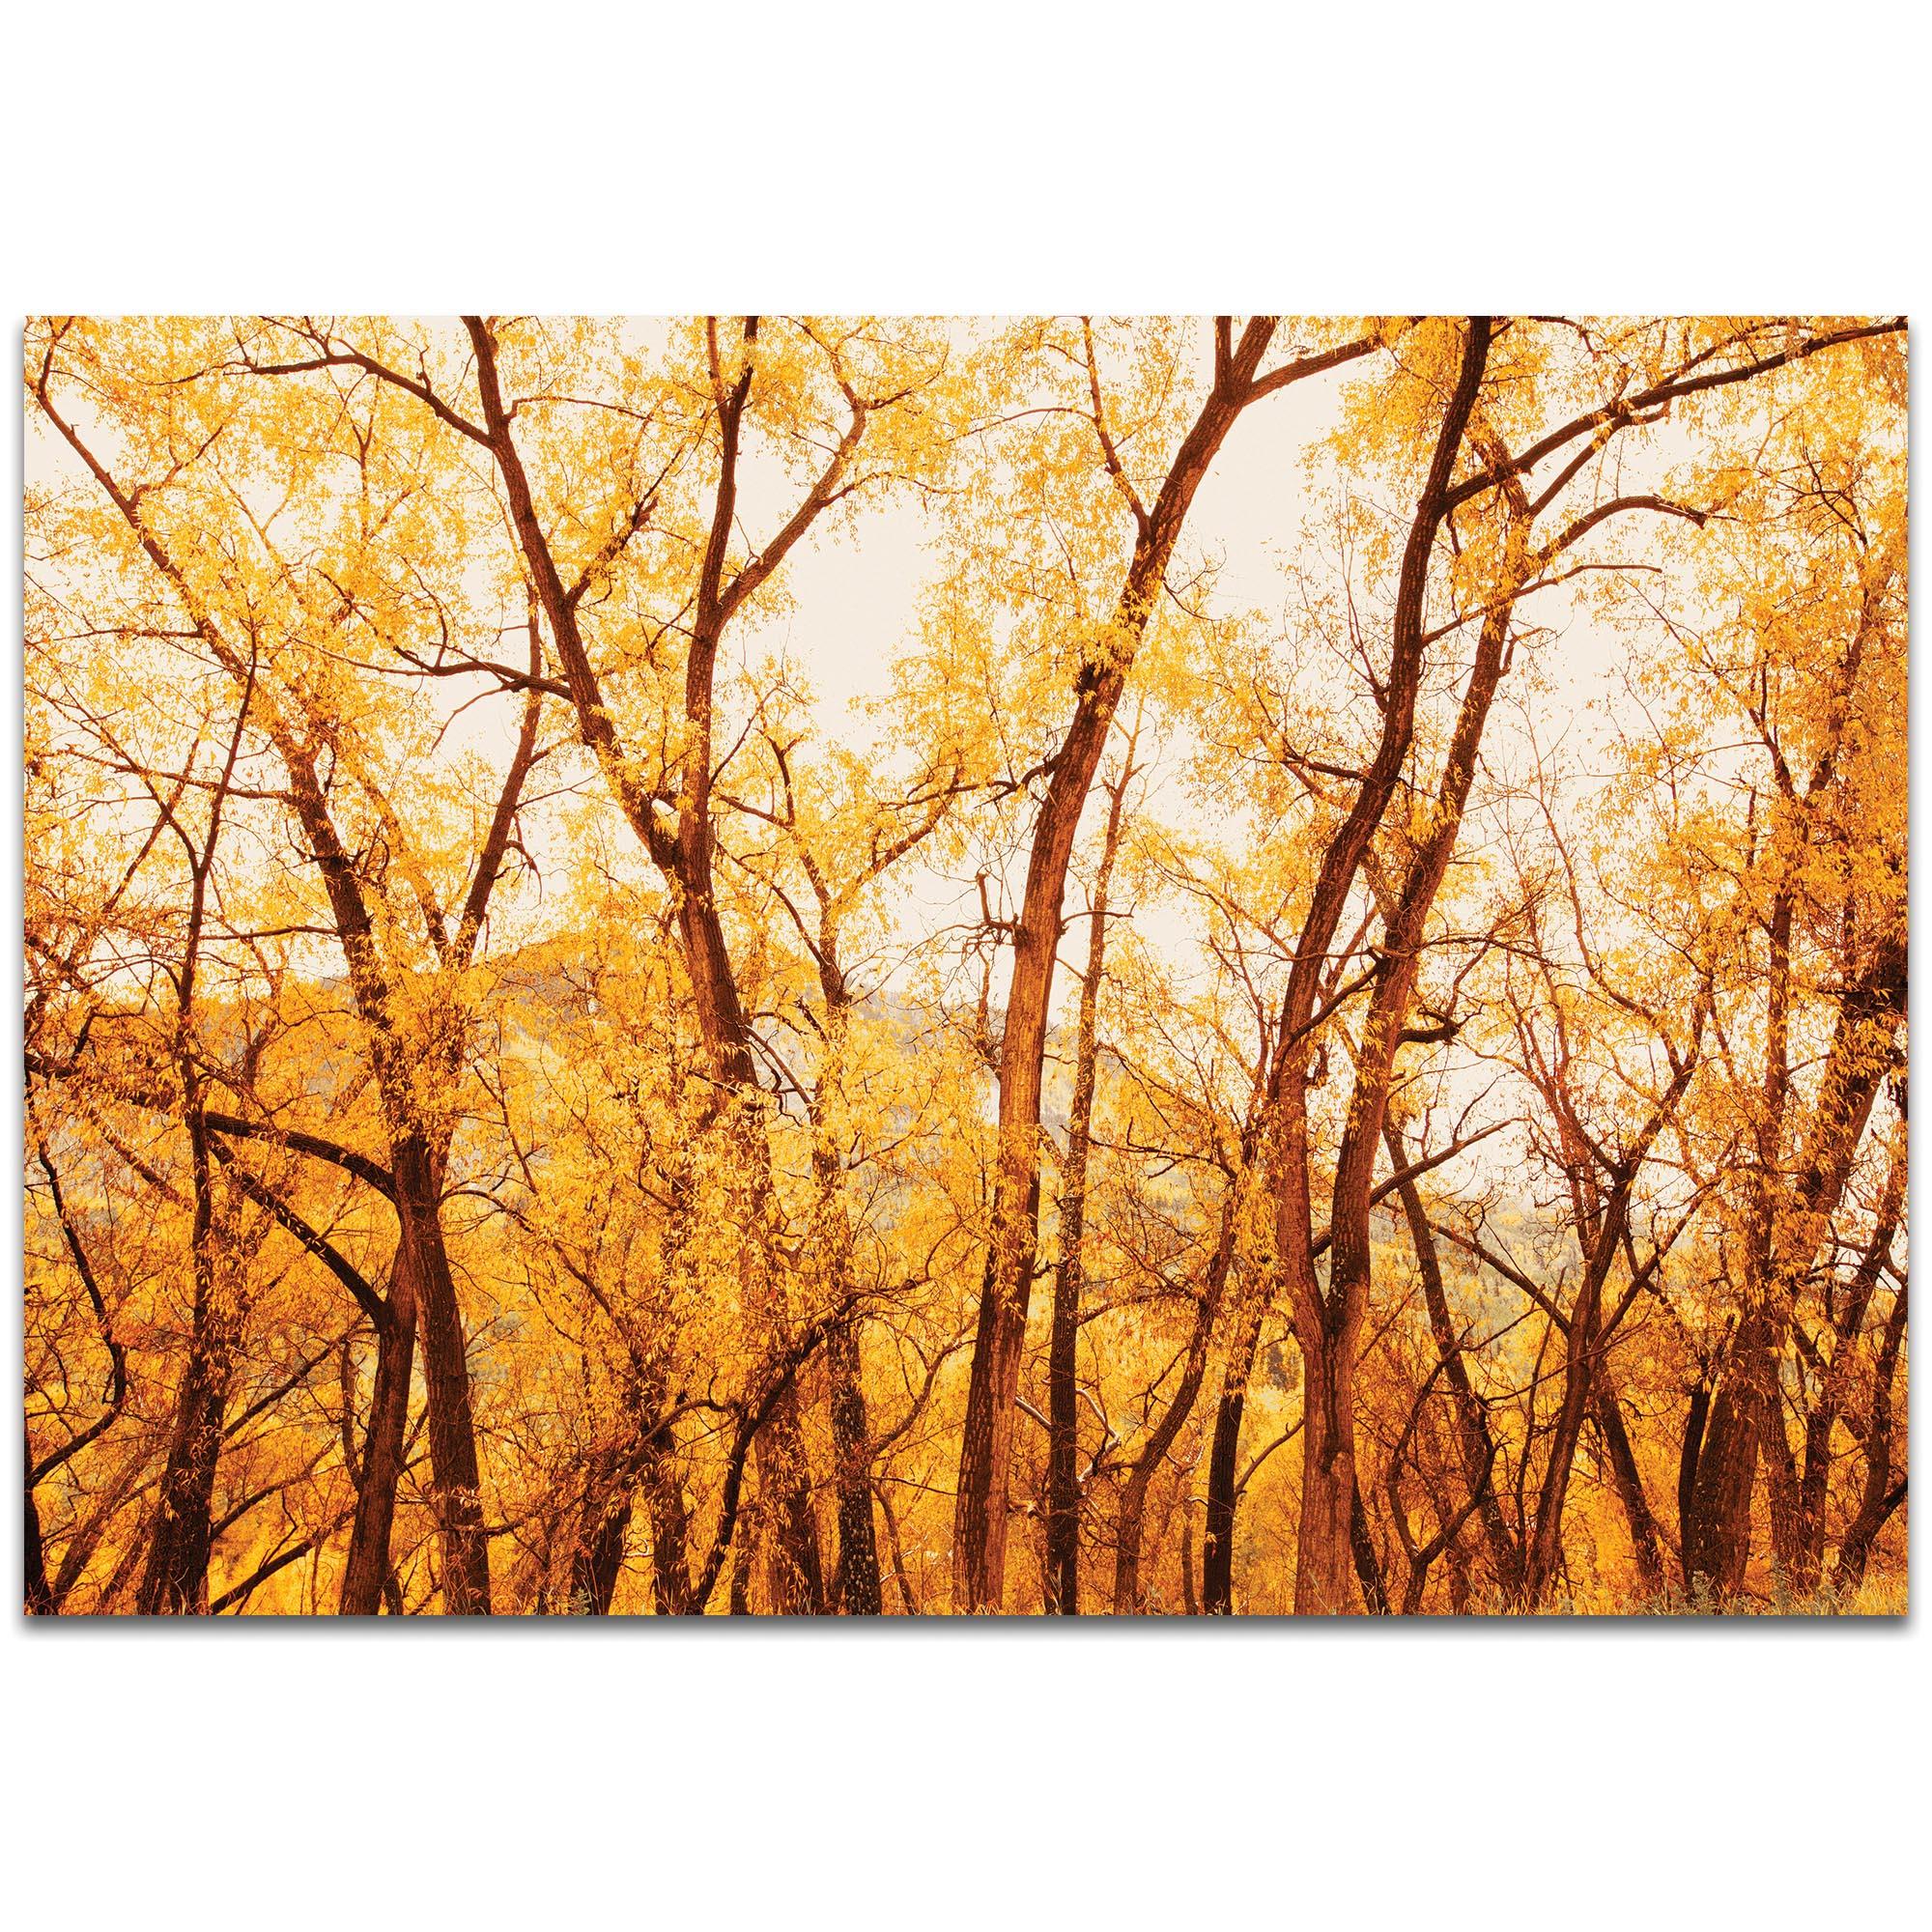 Metal Art Studio Fall Trees By Meirav Levy Landscape